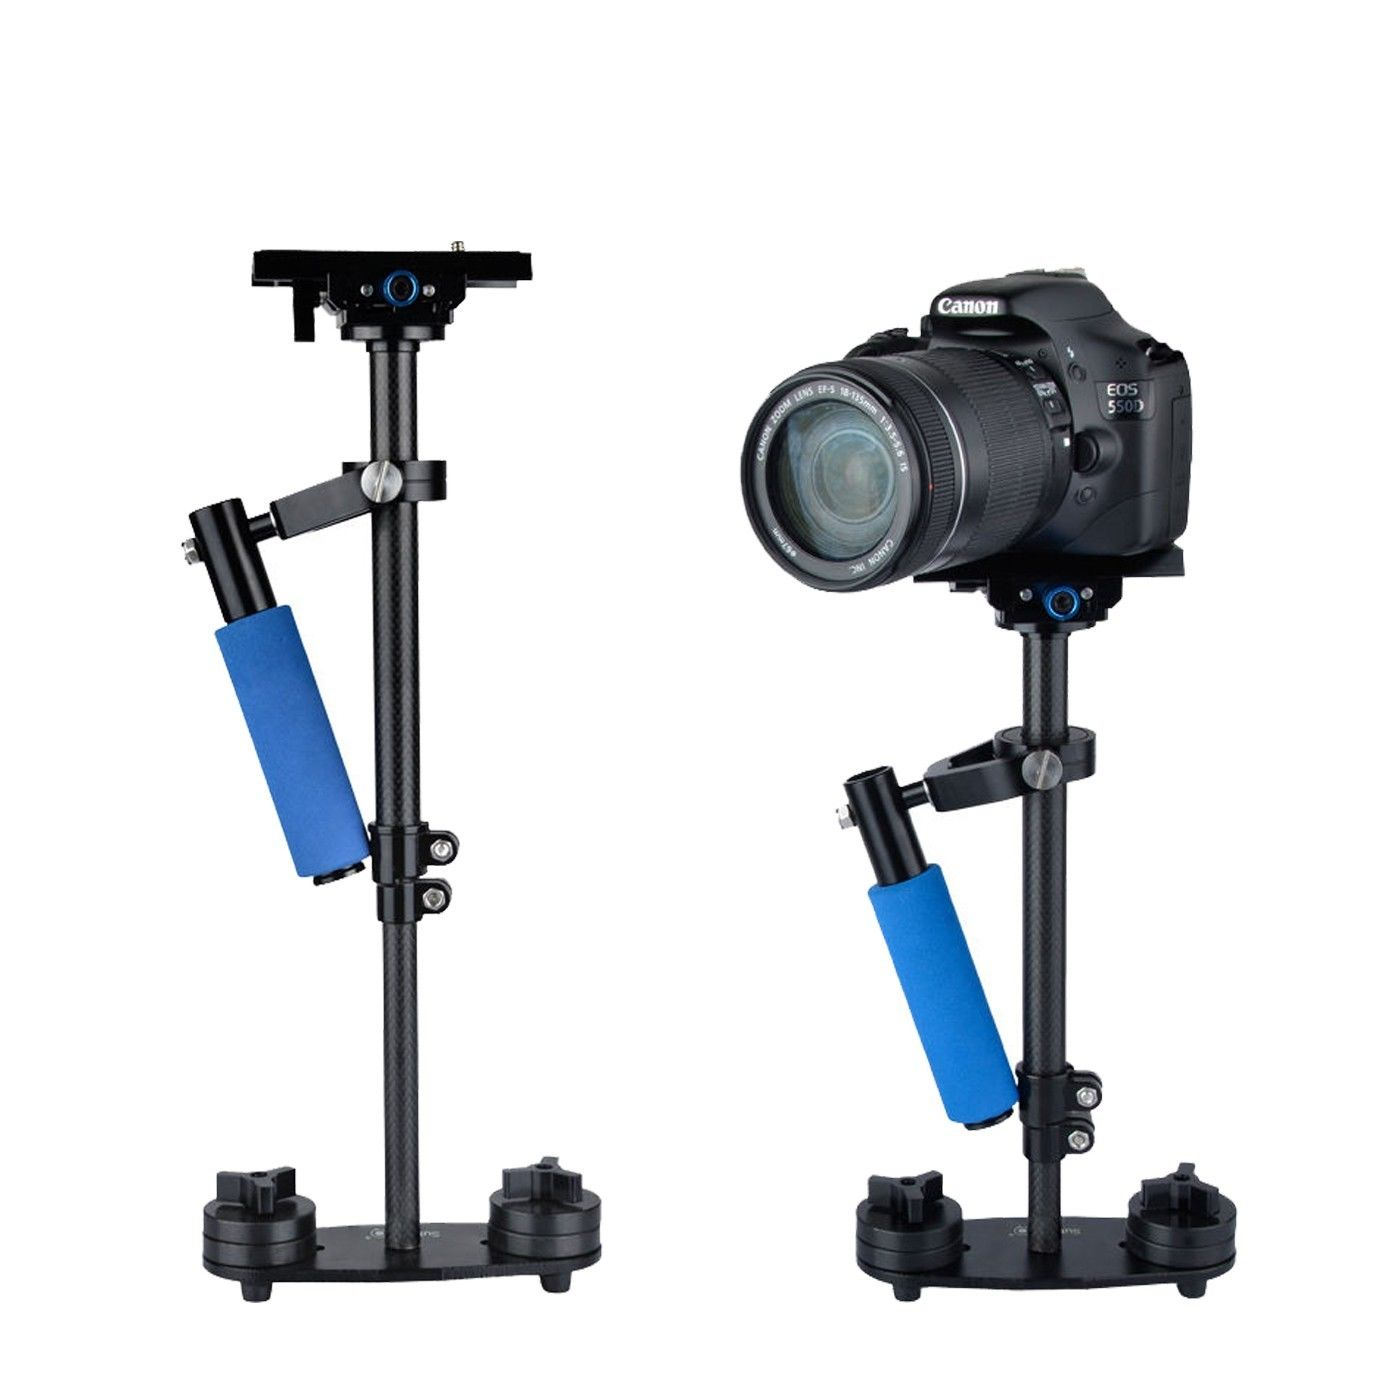 SF-04 S40 2.4Kg Carbon Fiber Handheld Stabilizer for Steadicam DLSR Camera Camcorder ashanks mini carbon fiber handheld